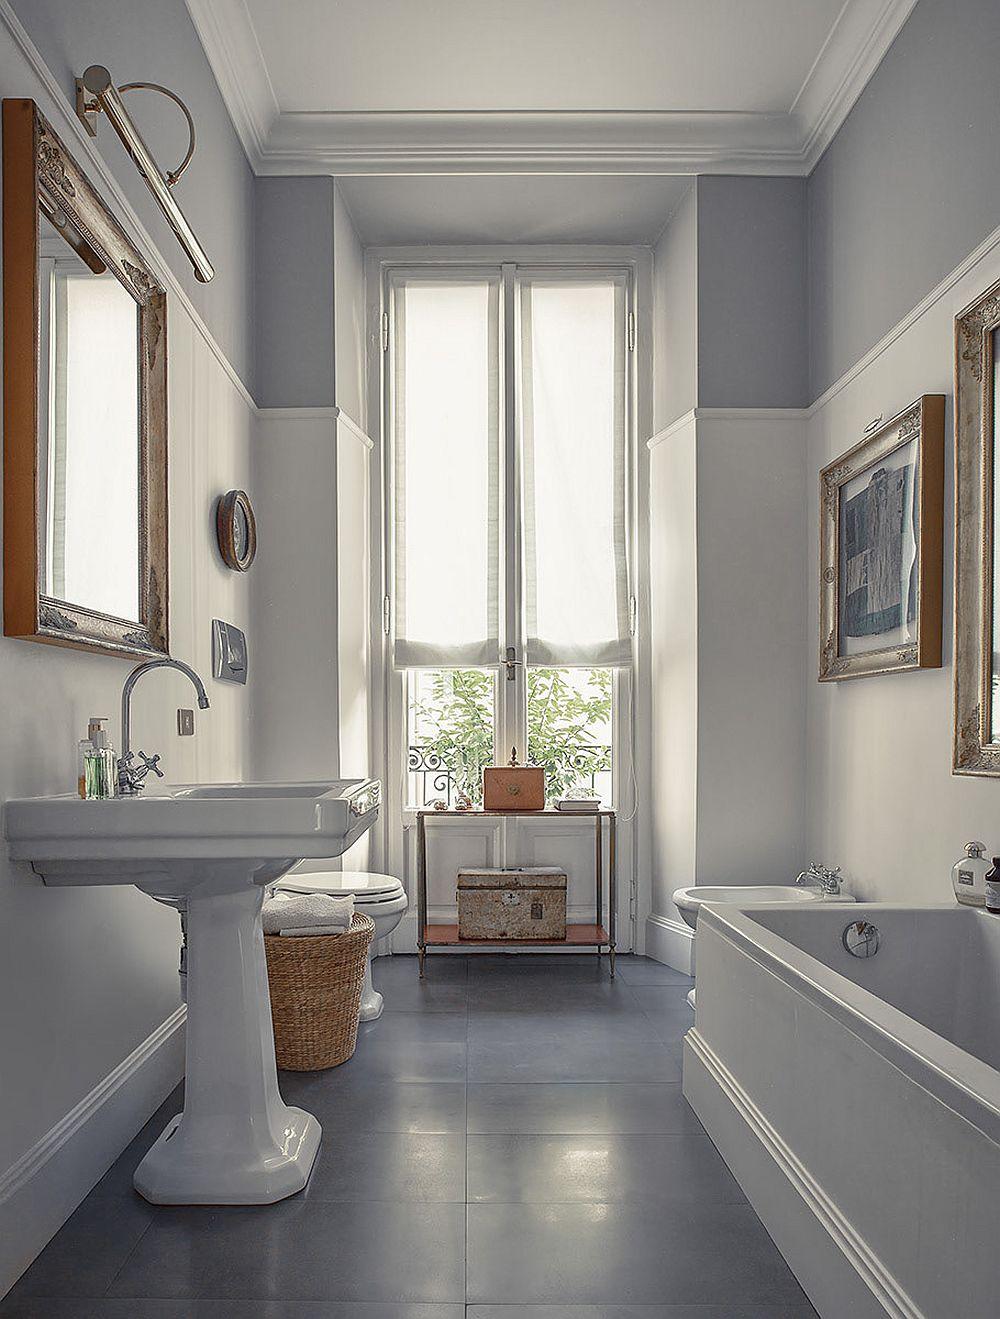 Lucrări de artă în baie? De ce nu? Mai ales când este vorba despre un colecționar de artă.